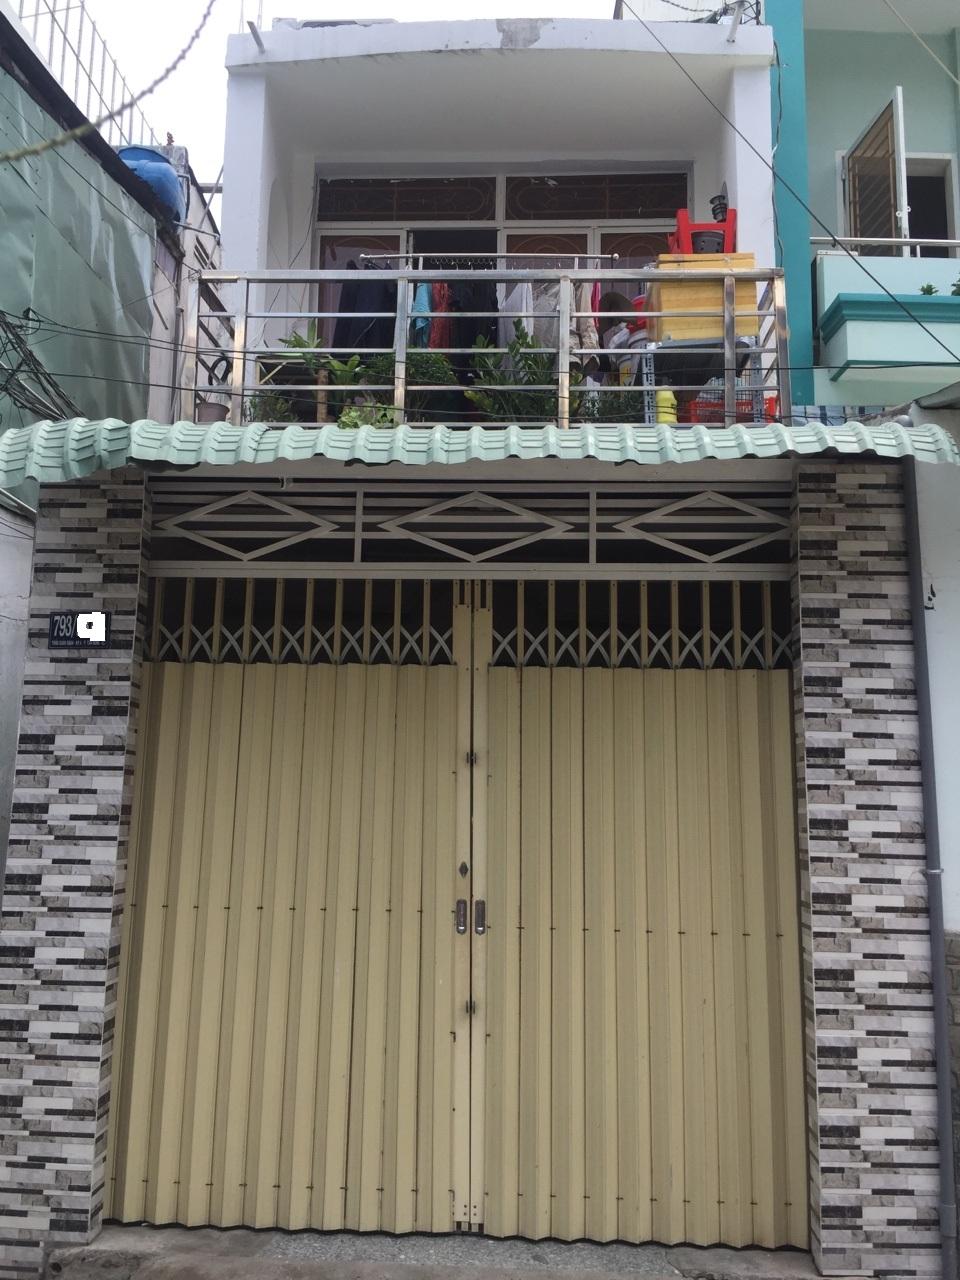 Bán nhà hẻm 793 trần xuân soạn quận 7 dt 87 m2 lh 0907898478